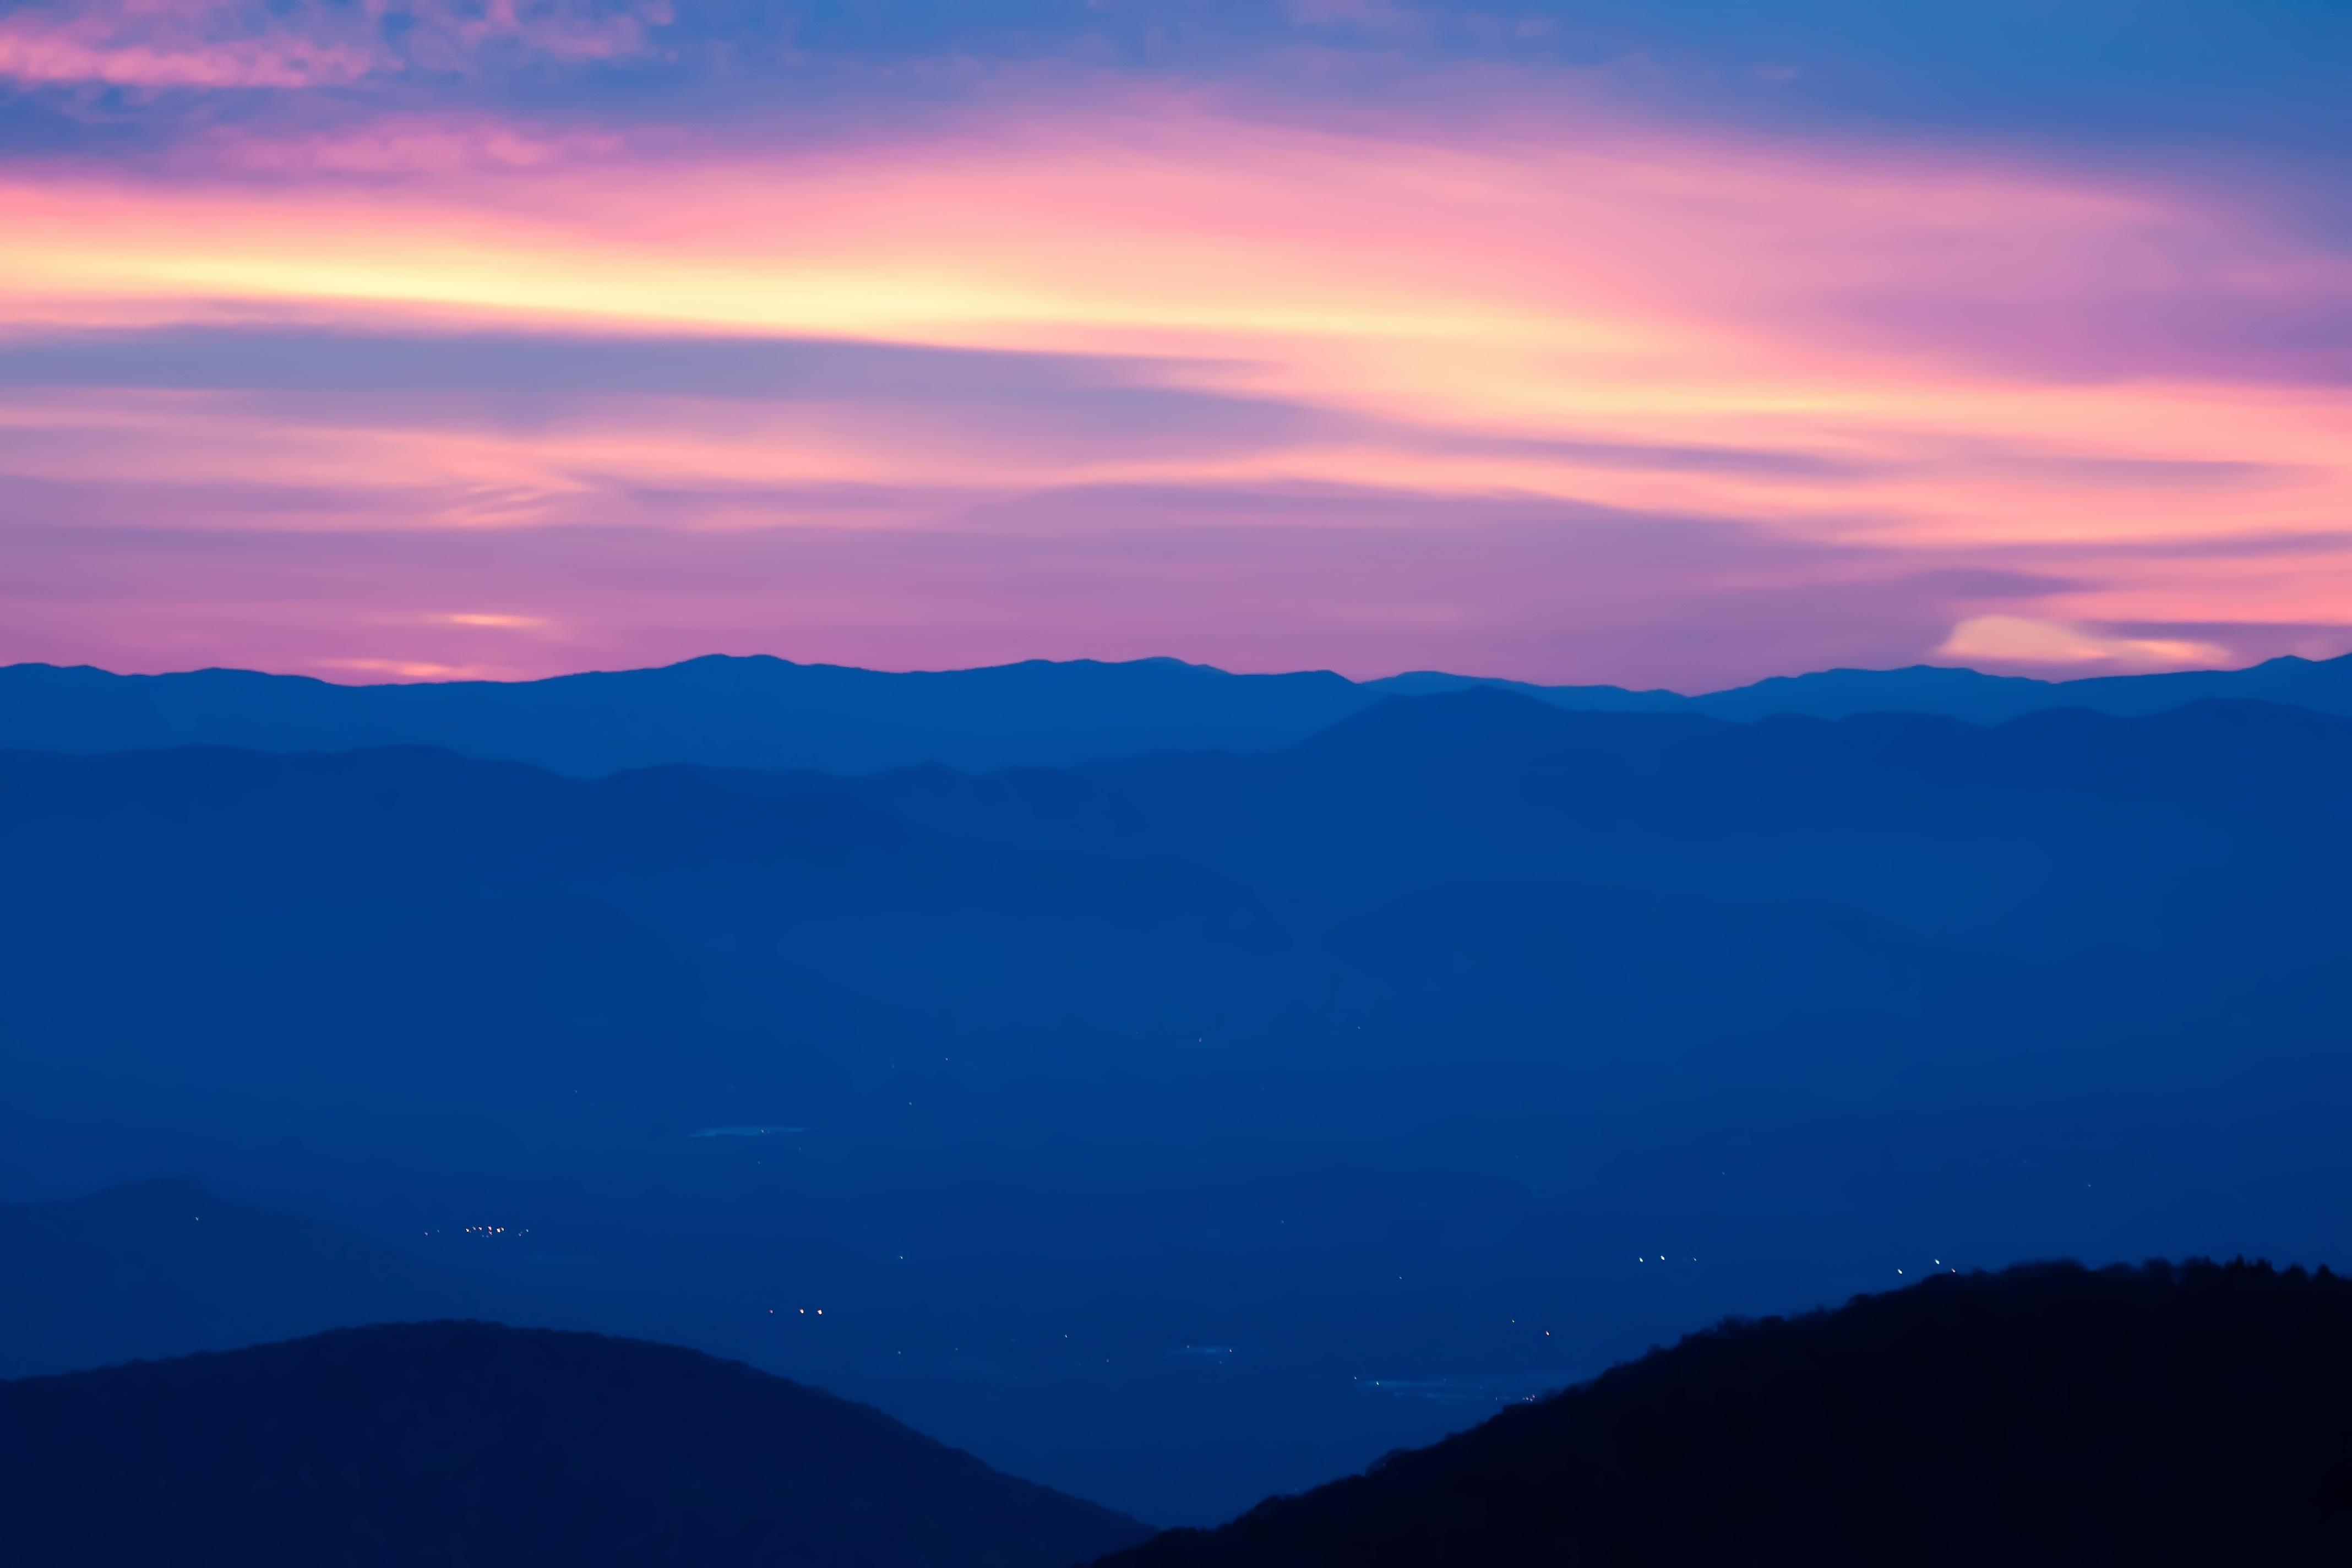 Smoky mountain panorama photo